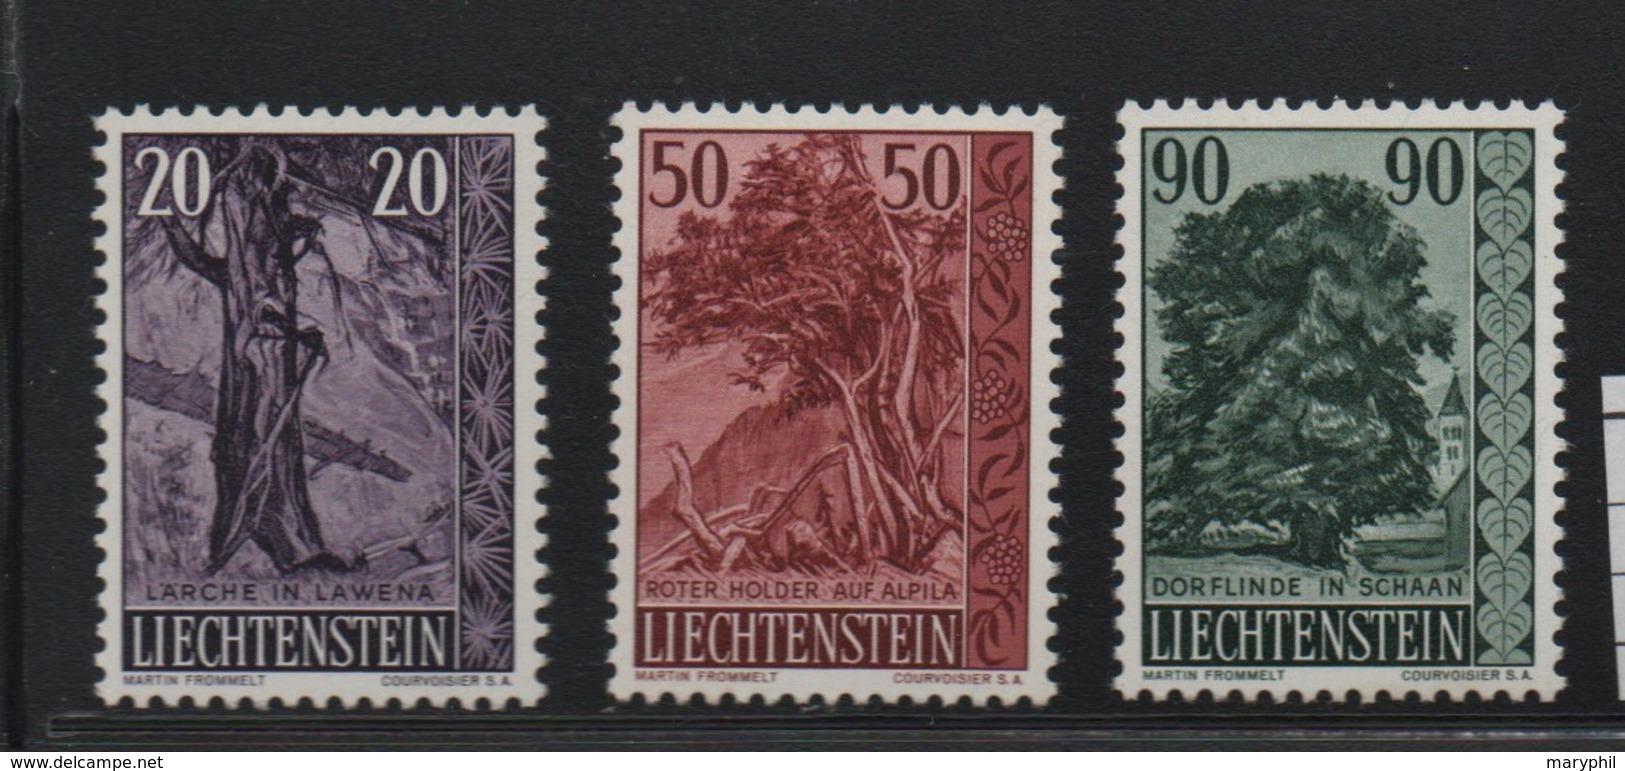 LIECHTENSTEIN N° 339/341 * (charnière) - Liechtenstein